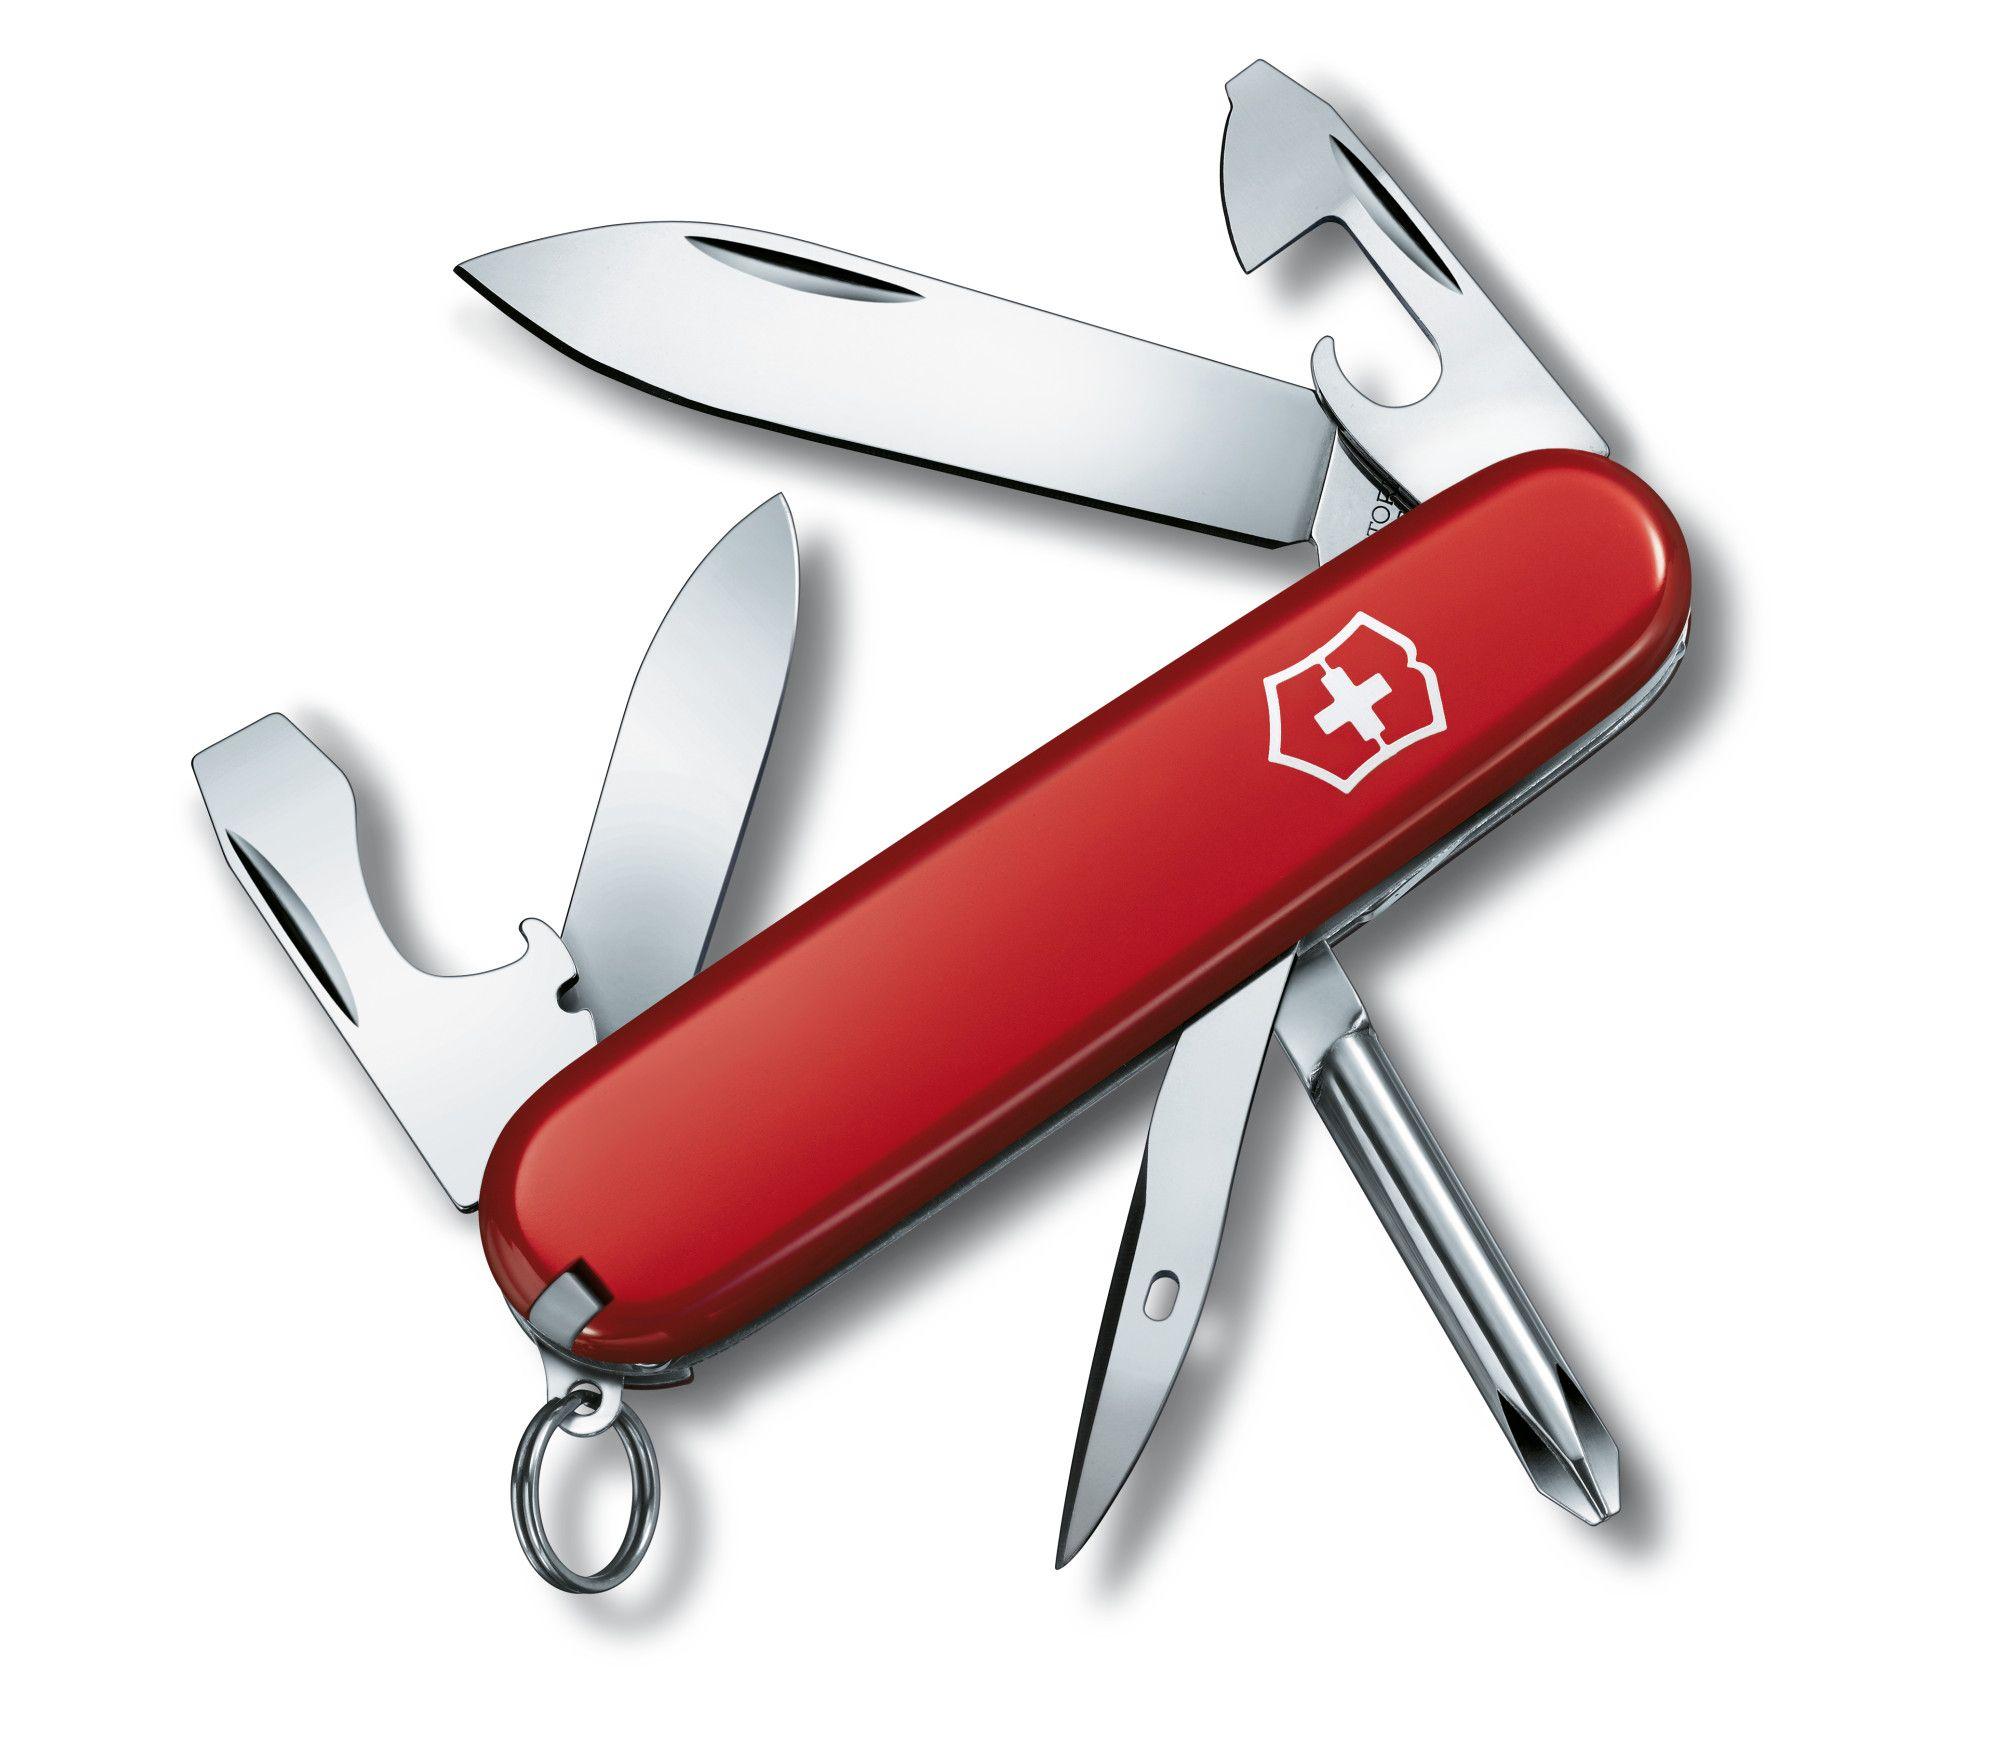 Canivete Suíço Victorinox Tinker Vermelho 12 funções Original 1.4603  - Mix Eletro